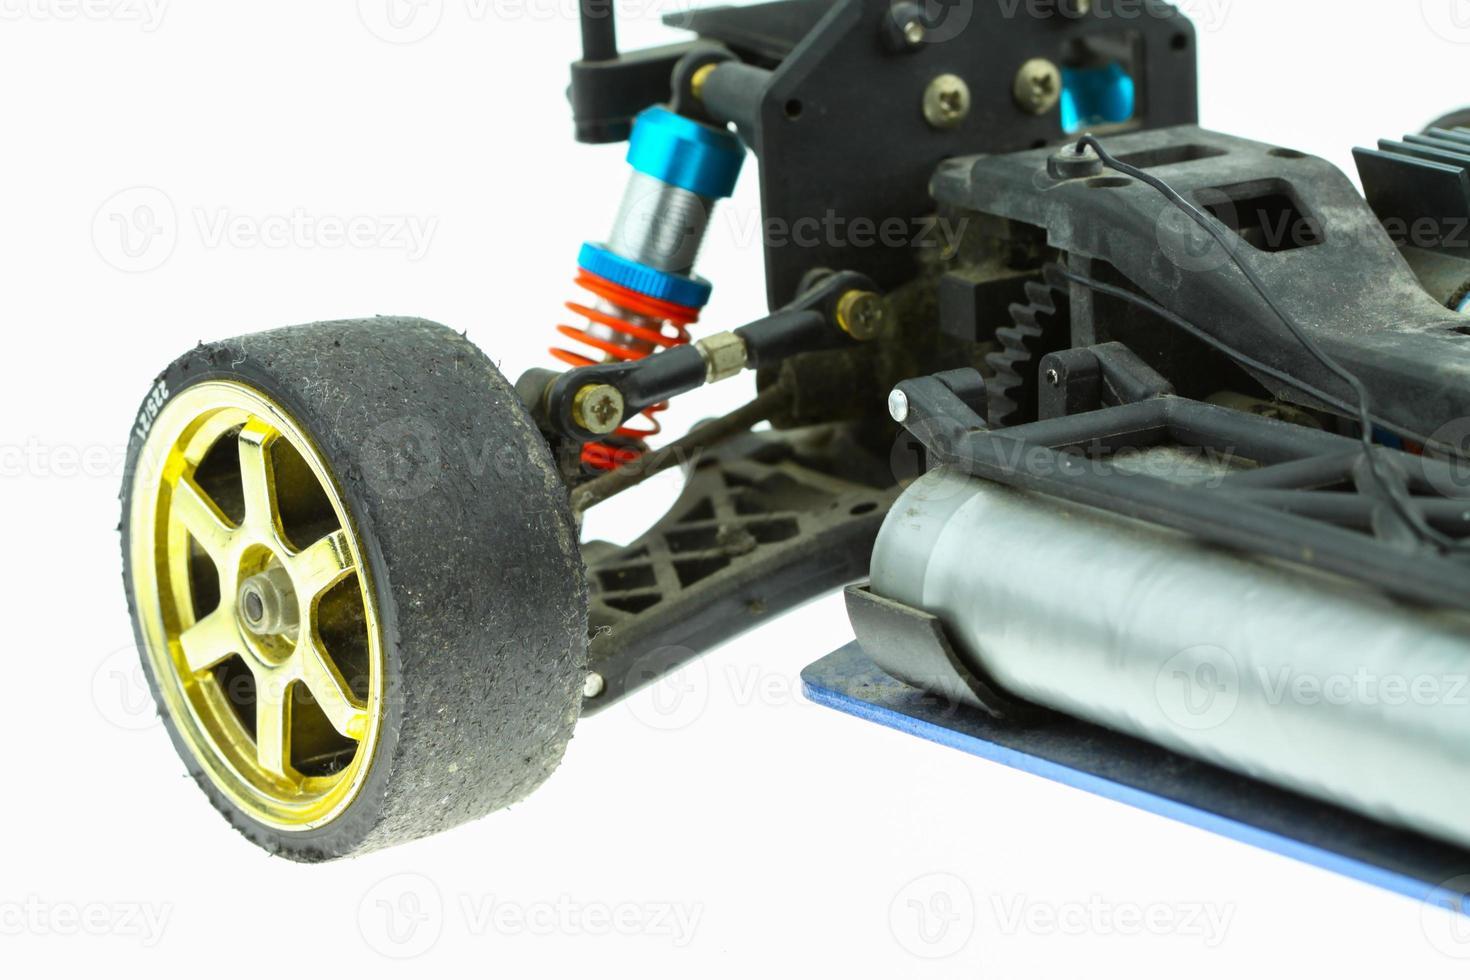 carro controlado por rádio - rc cars buggy, máquina de carro eletrônico foto